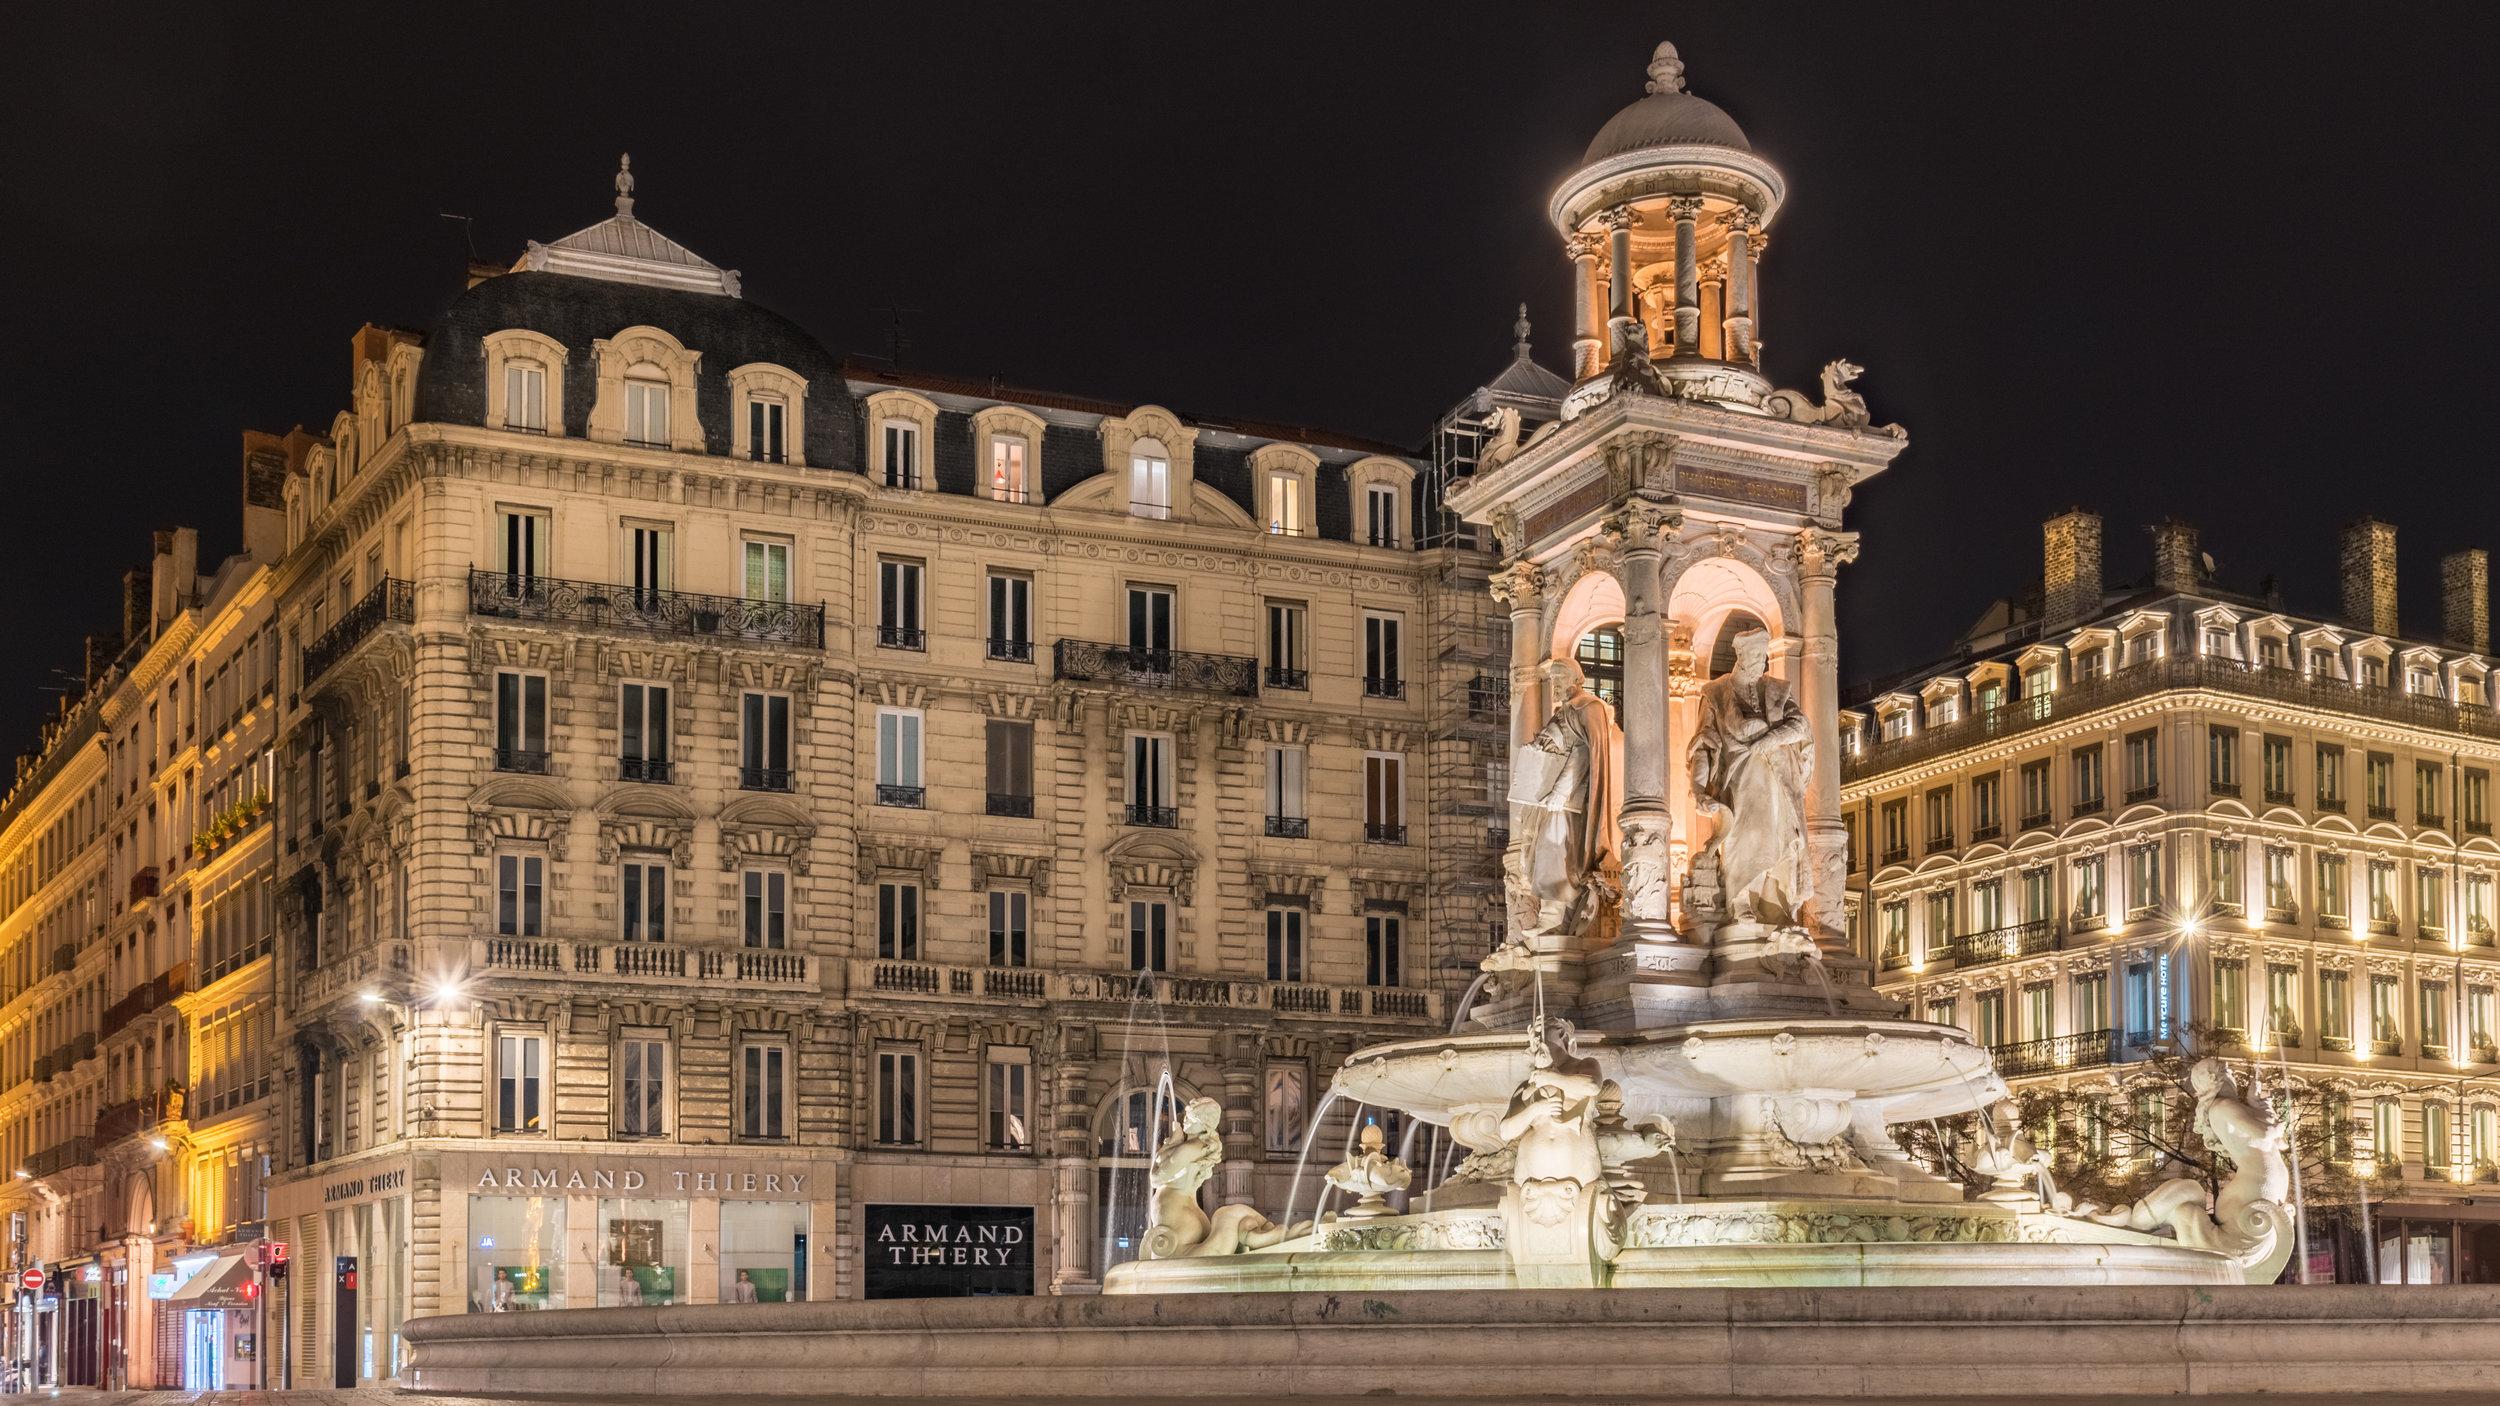 Frédéric Auguste Bartholdi Brunnen Place de Terraux, Lyon